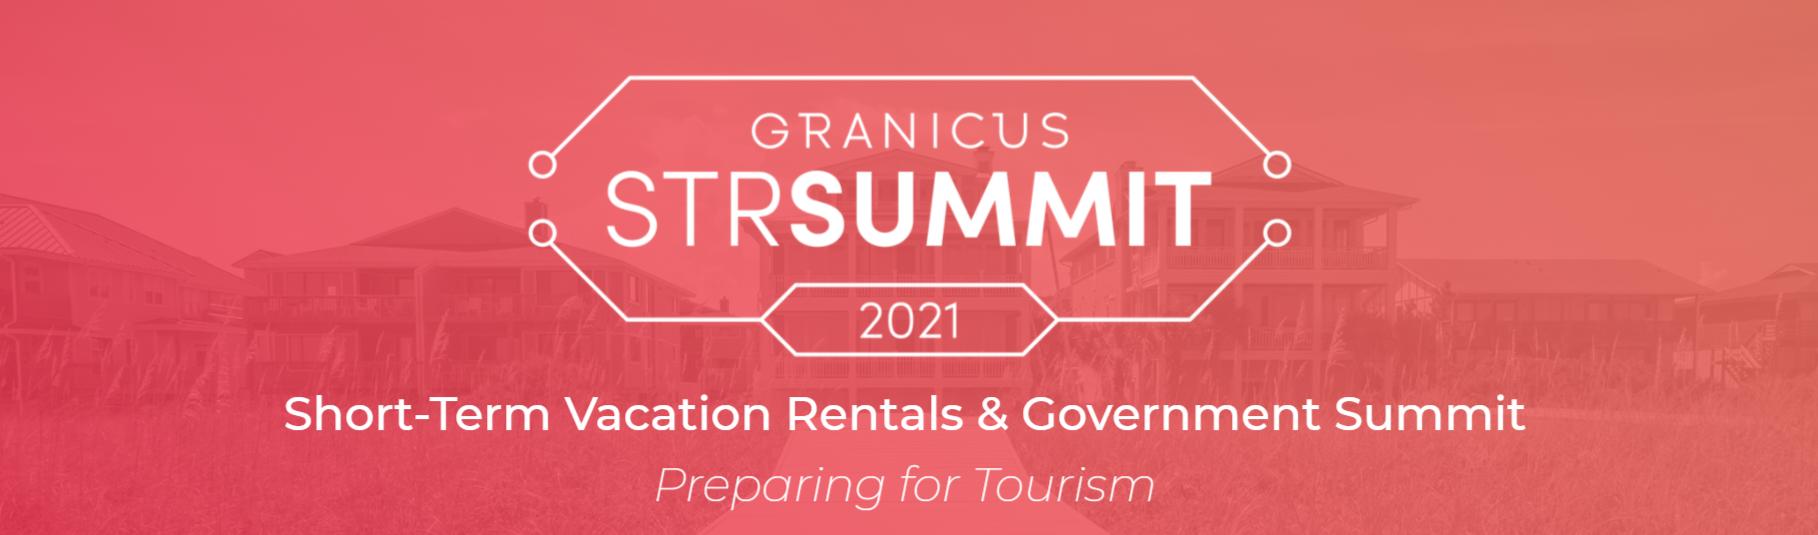 Granicus Summit